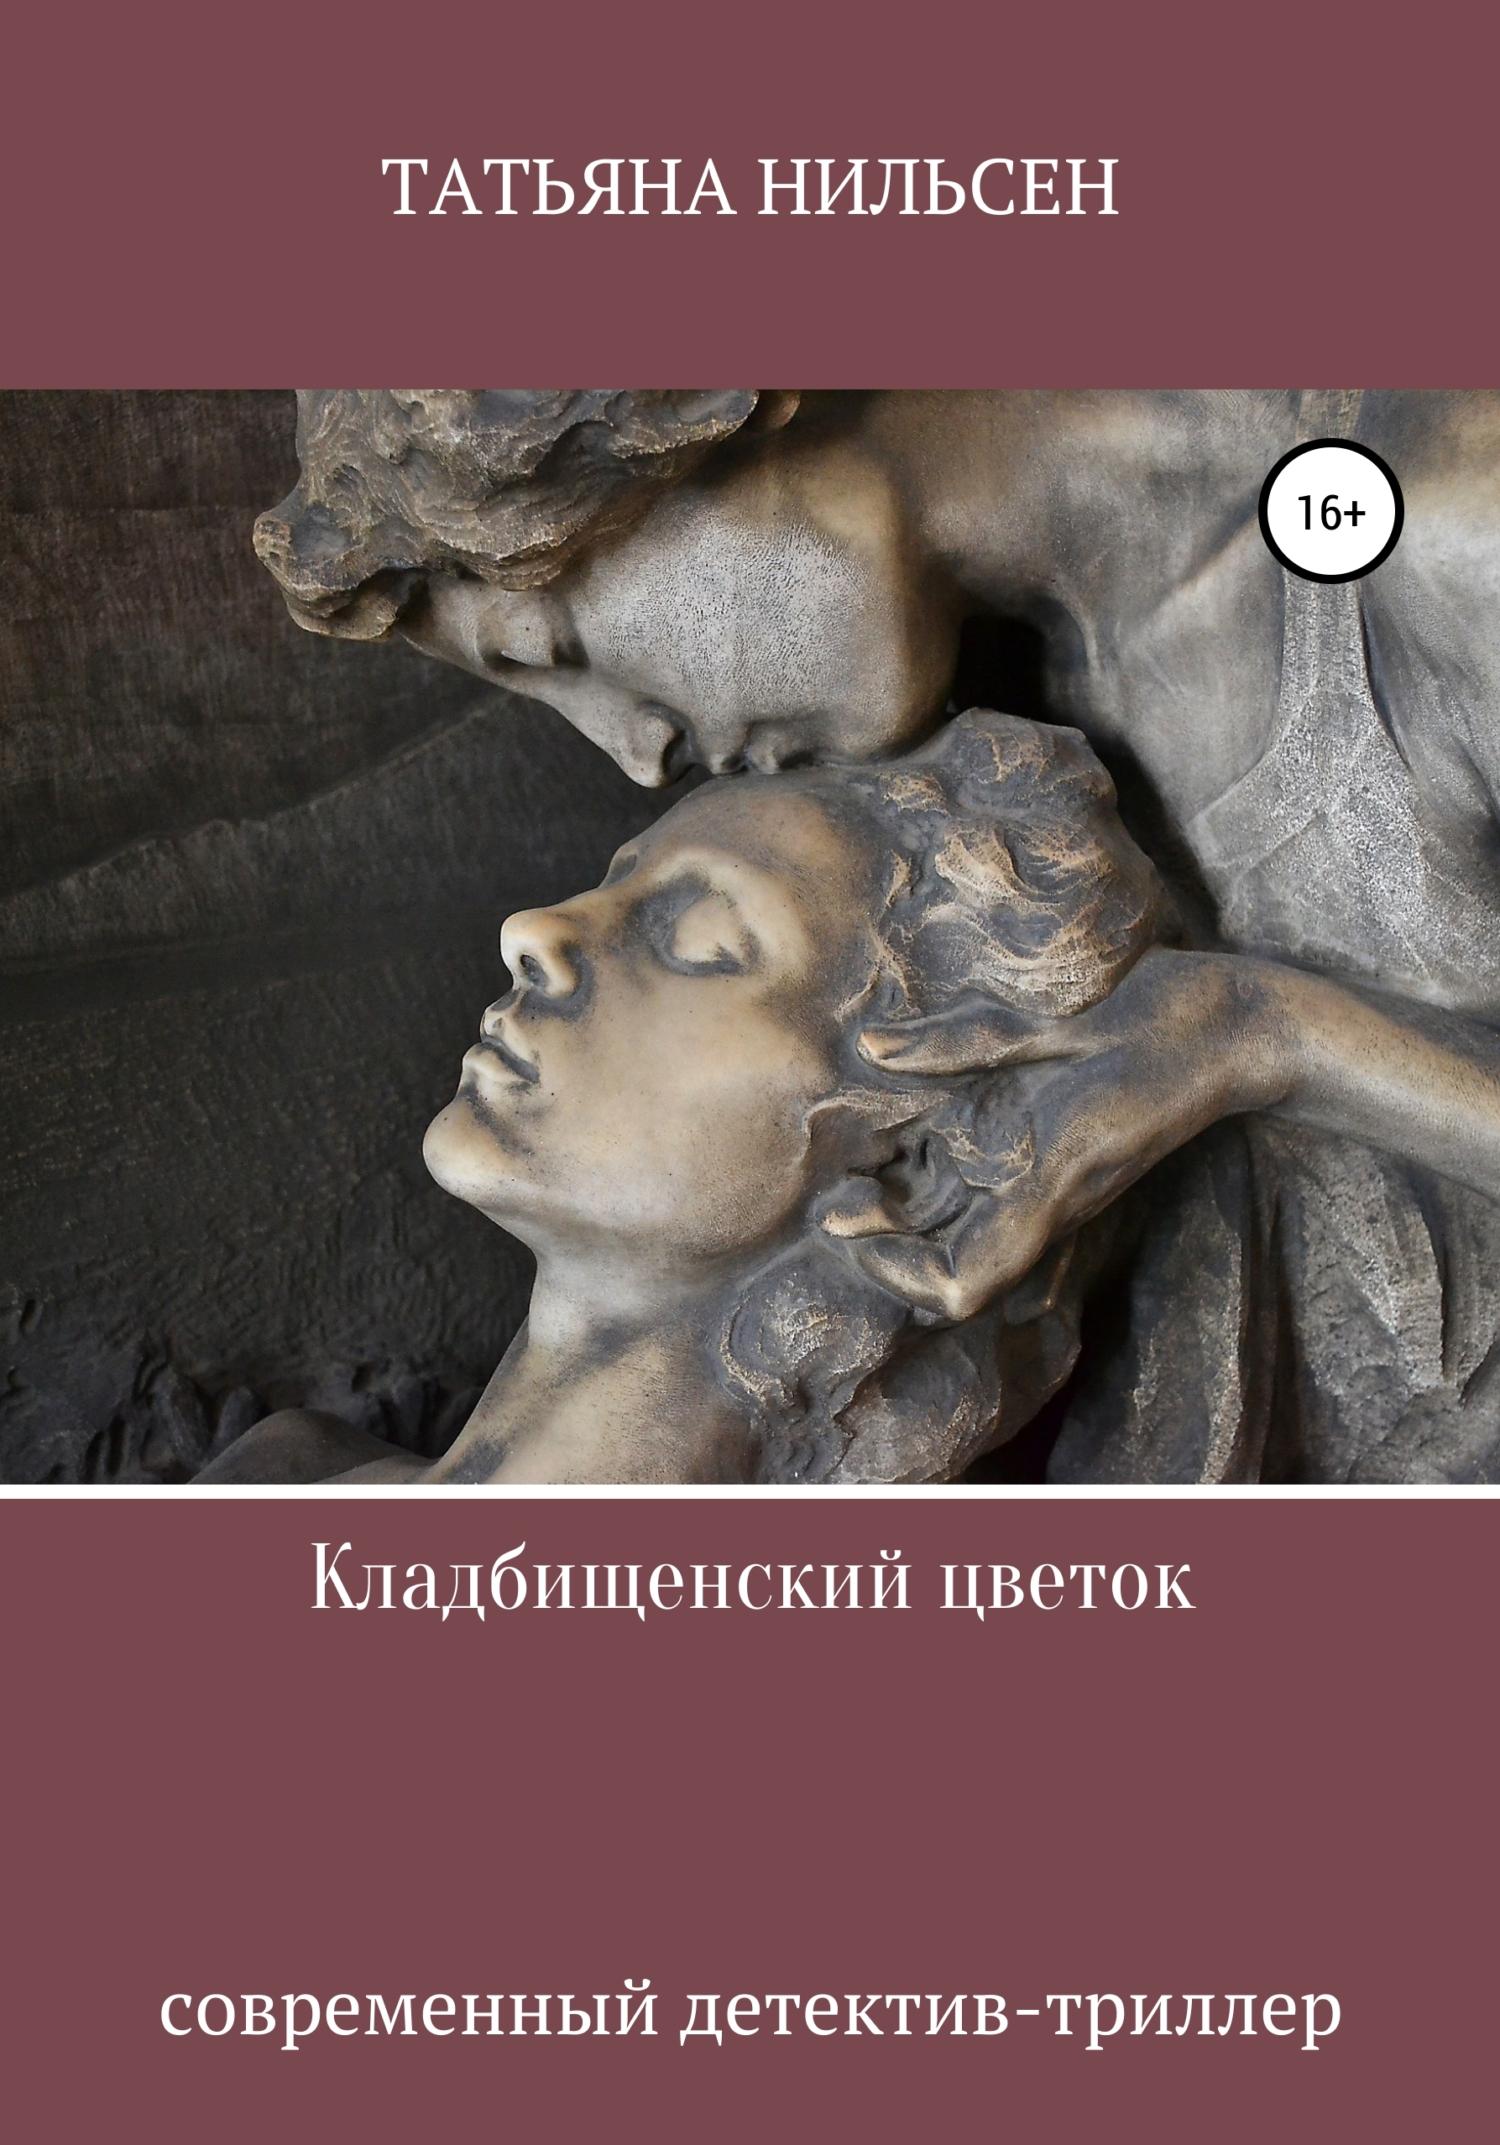 Татьяна Нильсен Кладбищенский цветок татьяна нильсен под знаком радуги